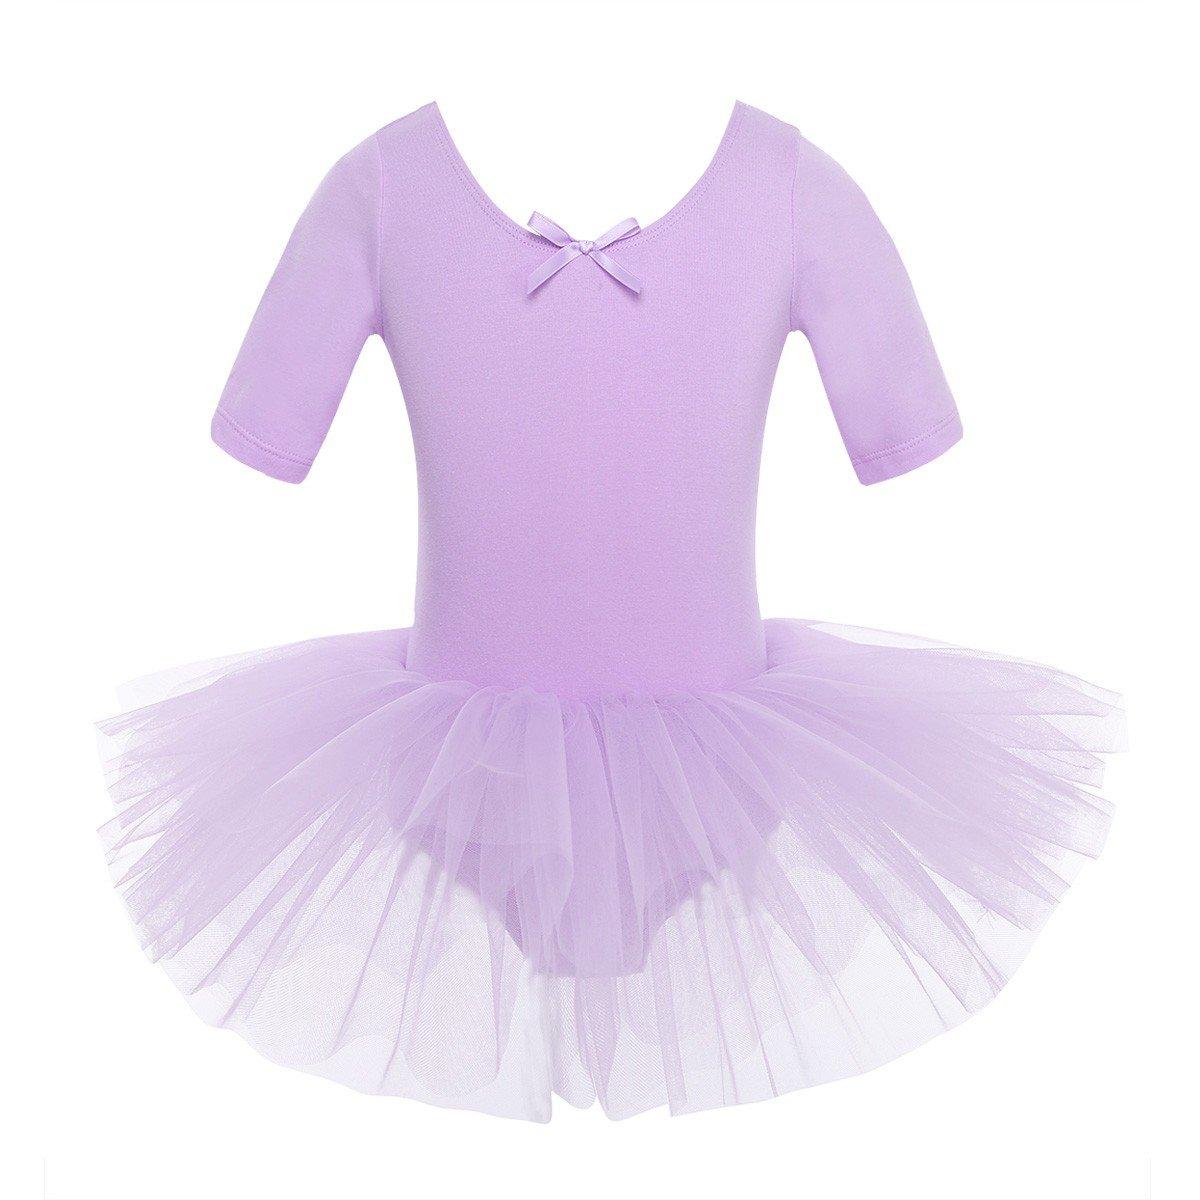 Tiaobug Mädchen Ballettkleid Kurzarm aus Baumwolle Ballettkleidung Kinder Ballettanzug schwarz weiß lila rosa